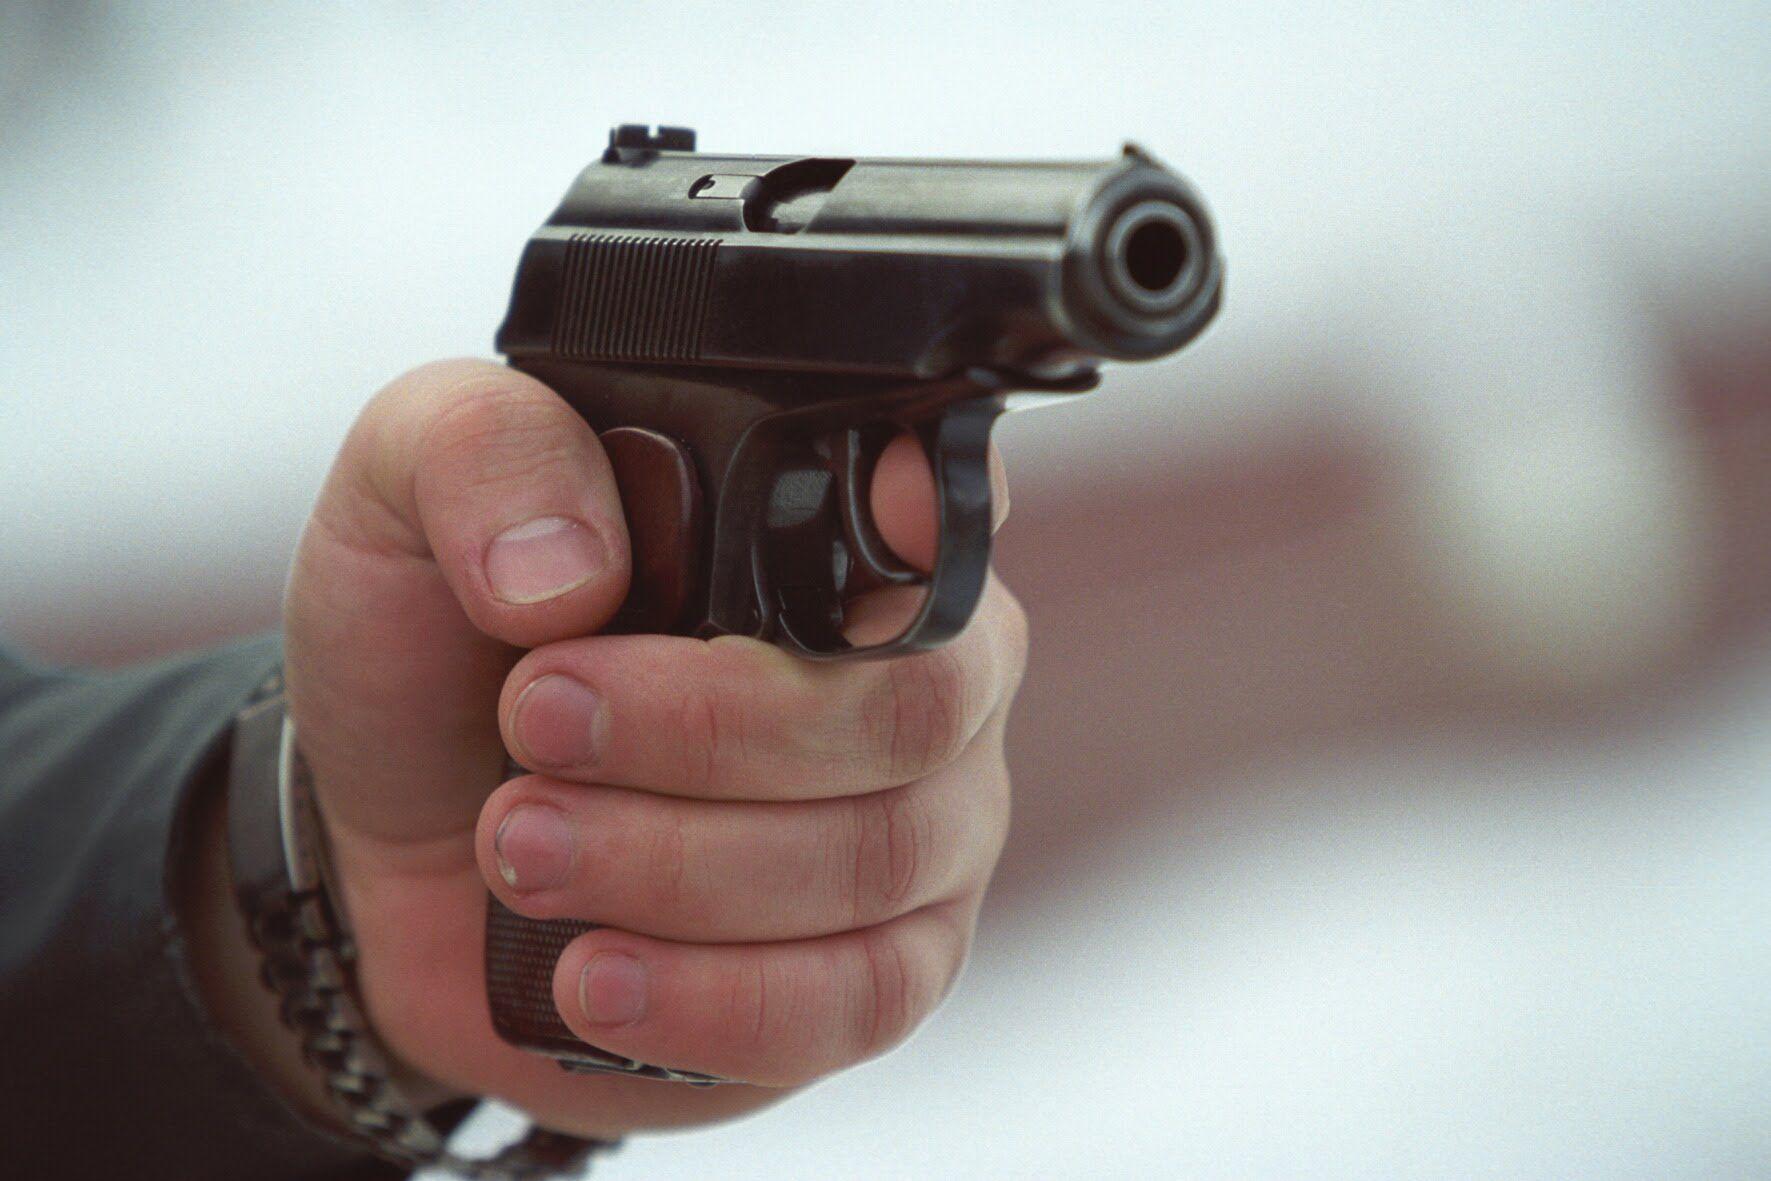 У київському  дворі стріляли з «Флобера» - Поліція, пістолет, конфлікт, київщина, Київ - 0827 pistolet